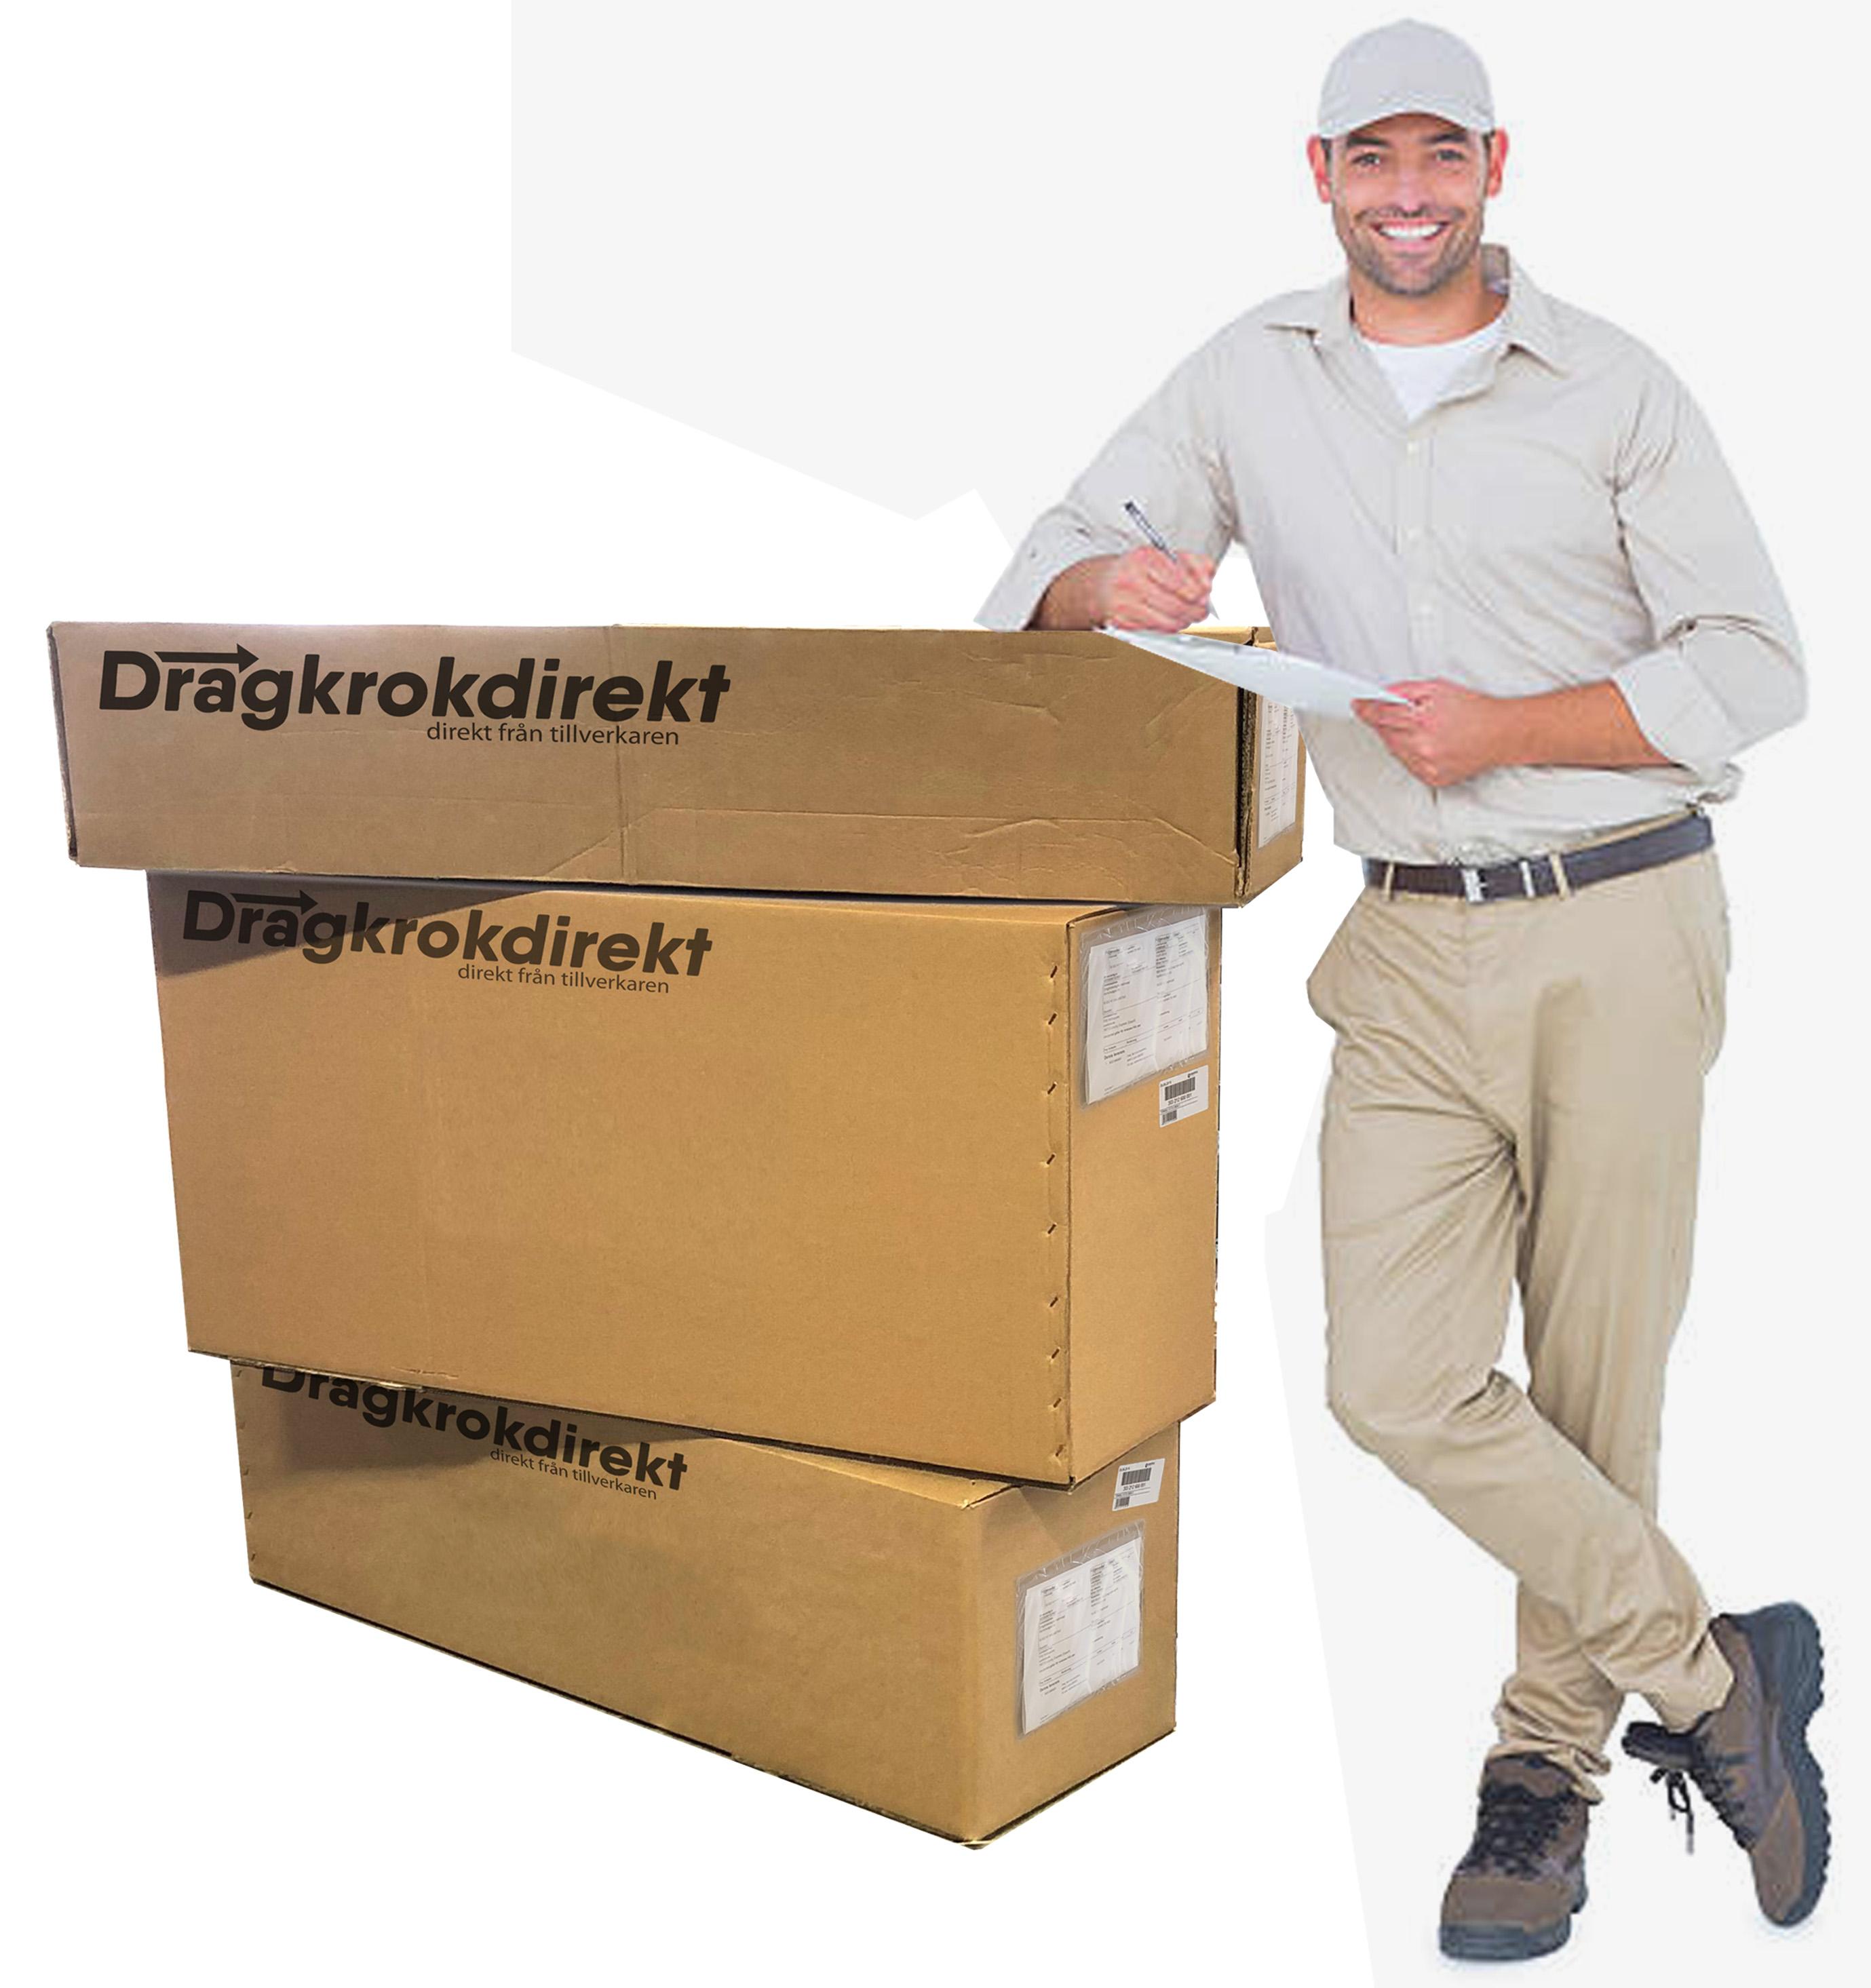 Paketering dragkrokar